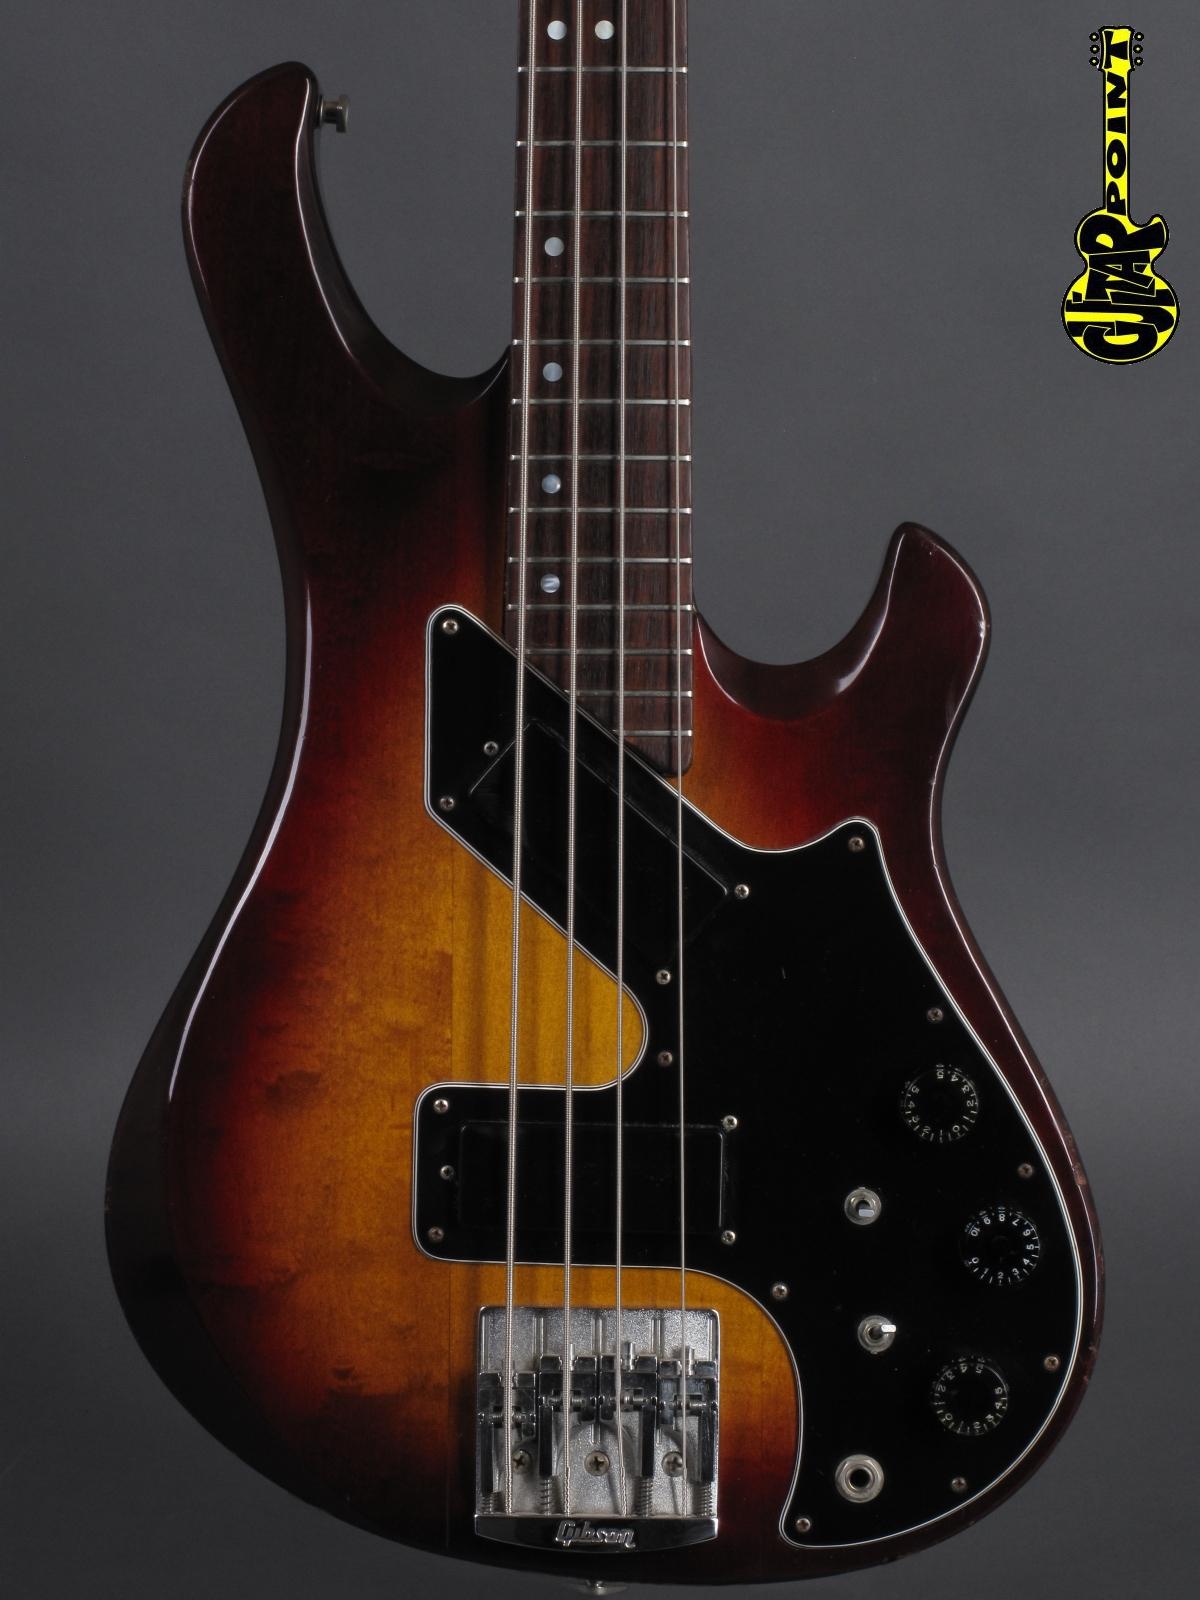 1981 Gibson Victory Artist Bass - Antique Fireburst